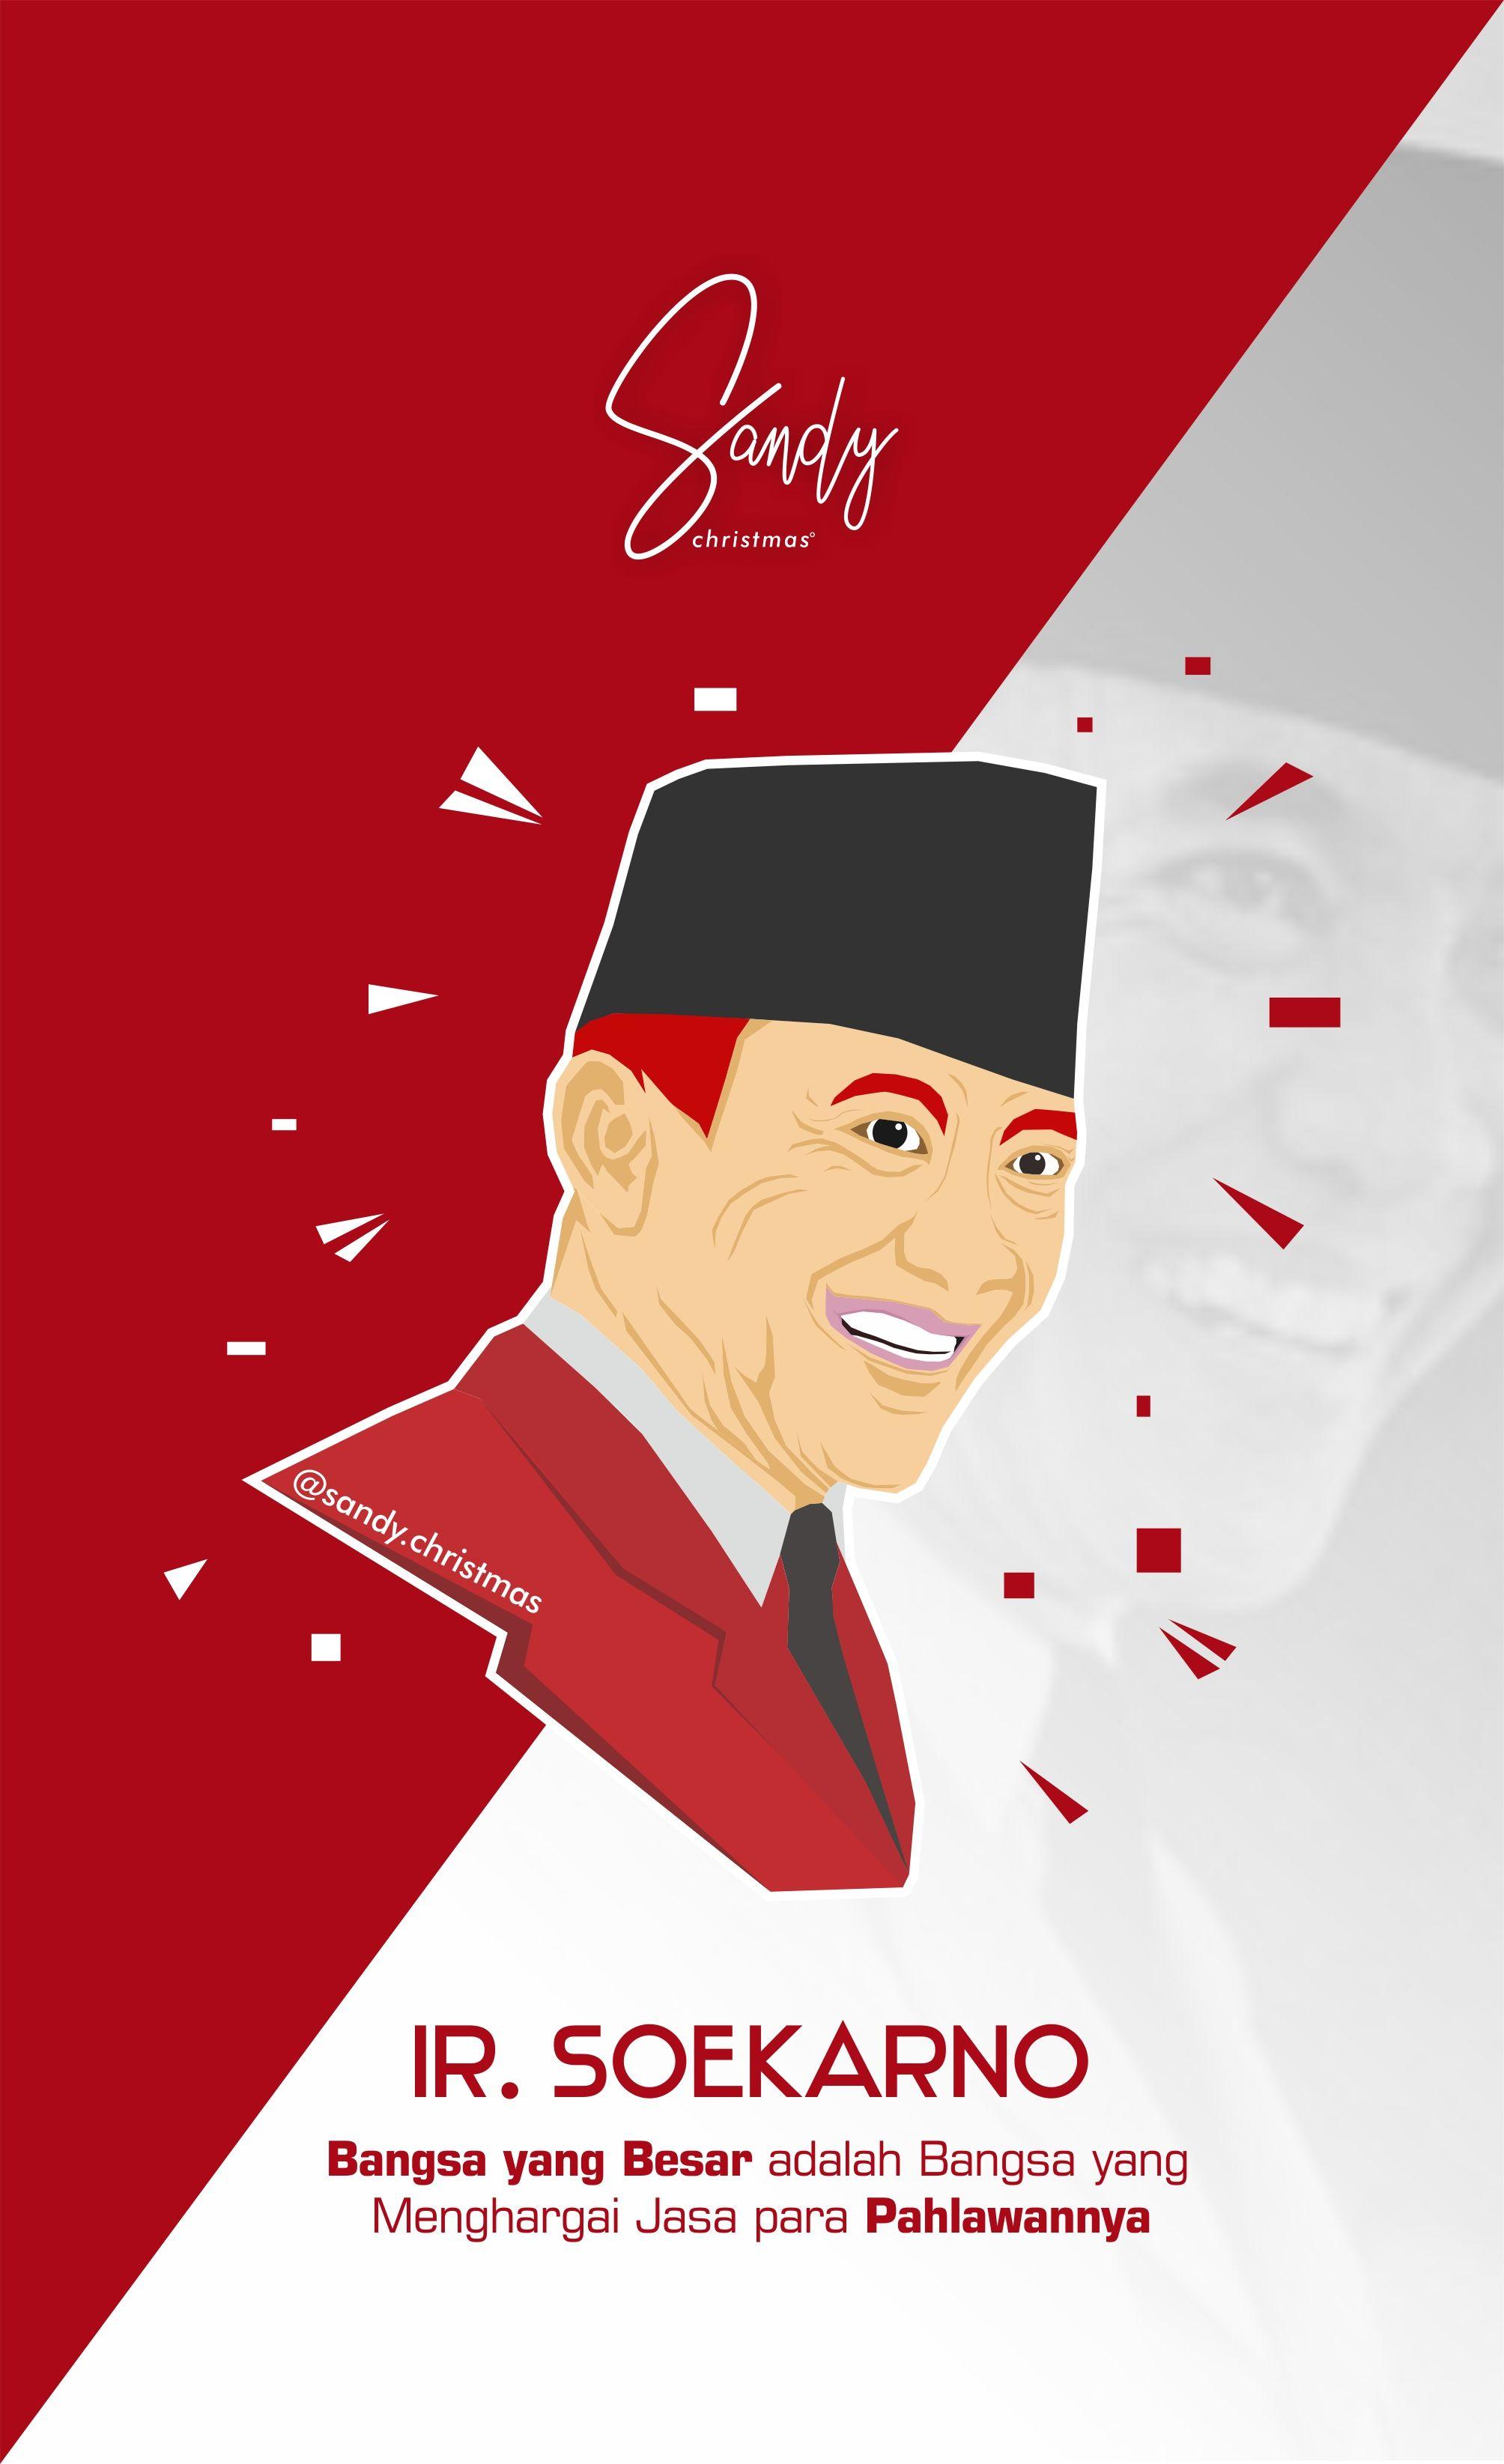 Gambar Tokoh Pahlawan Soekarno